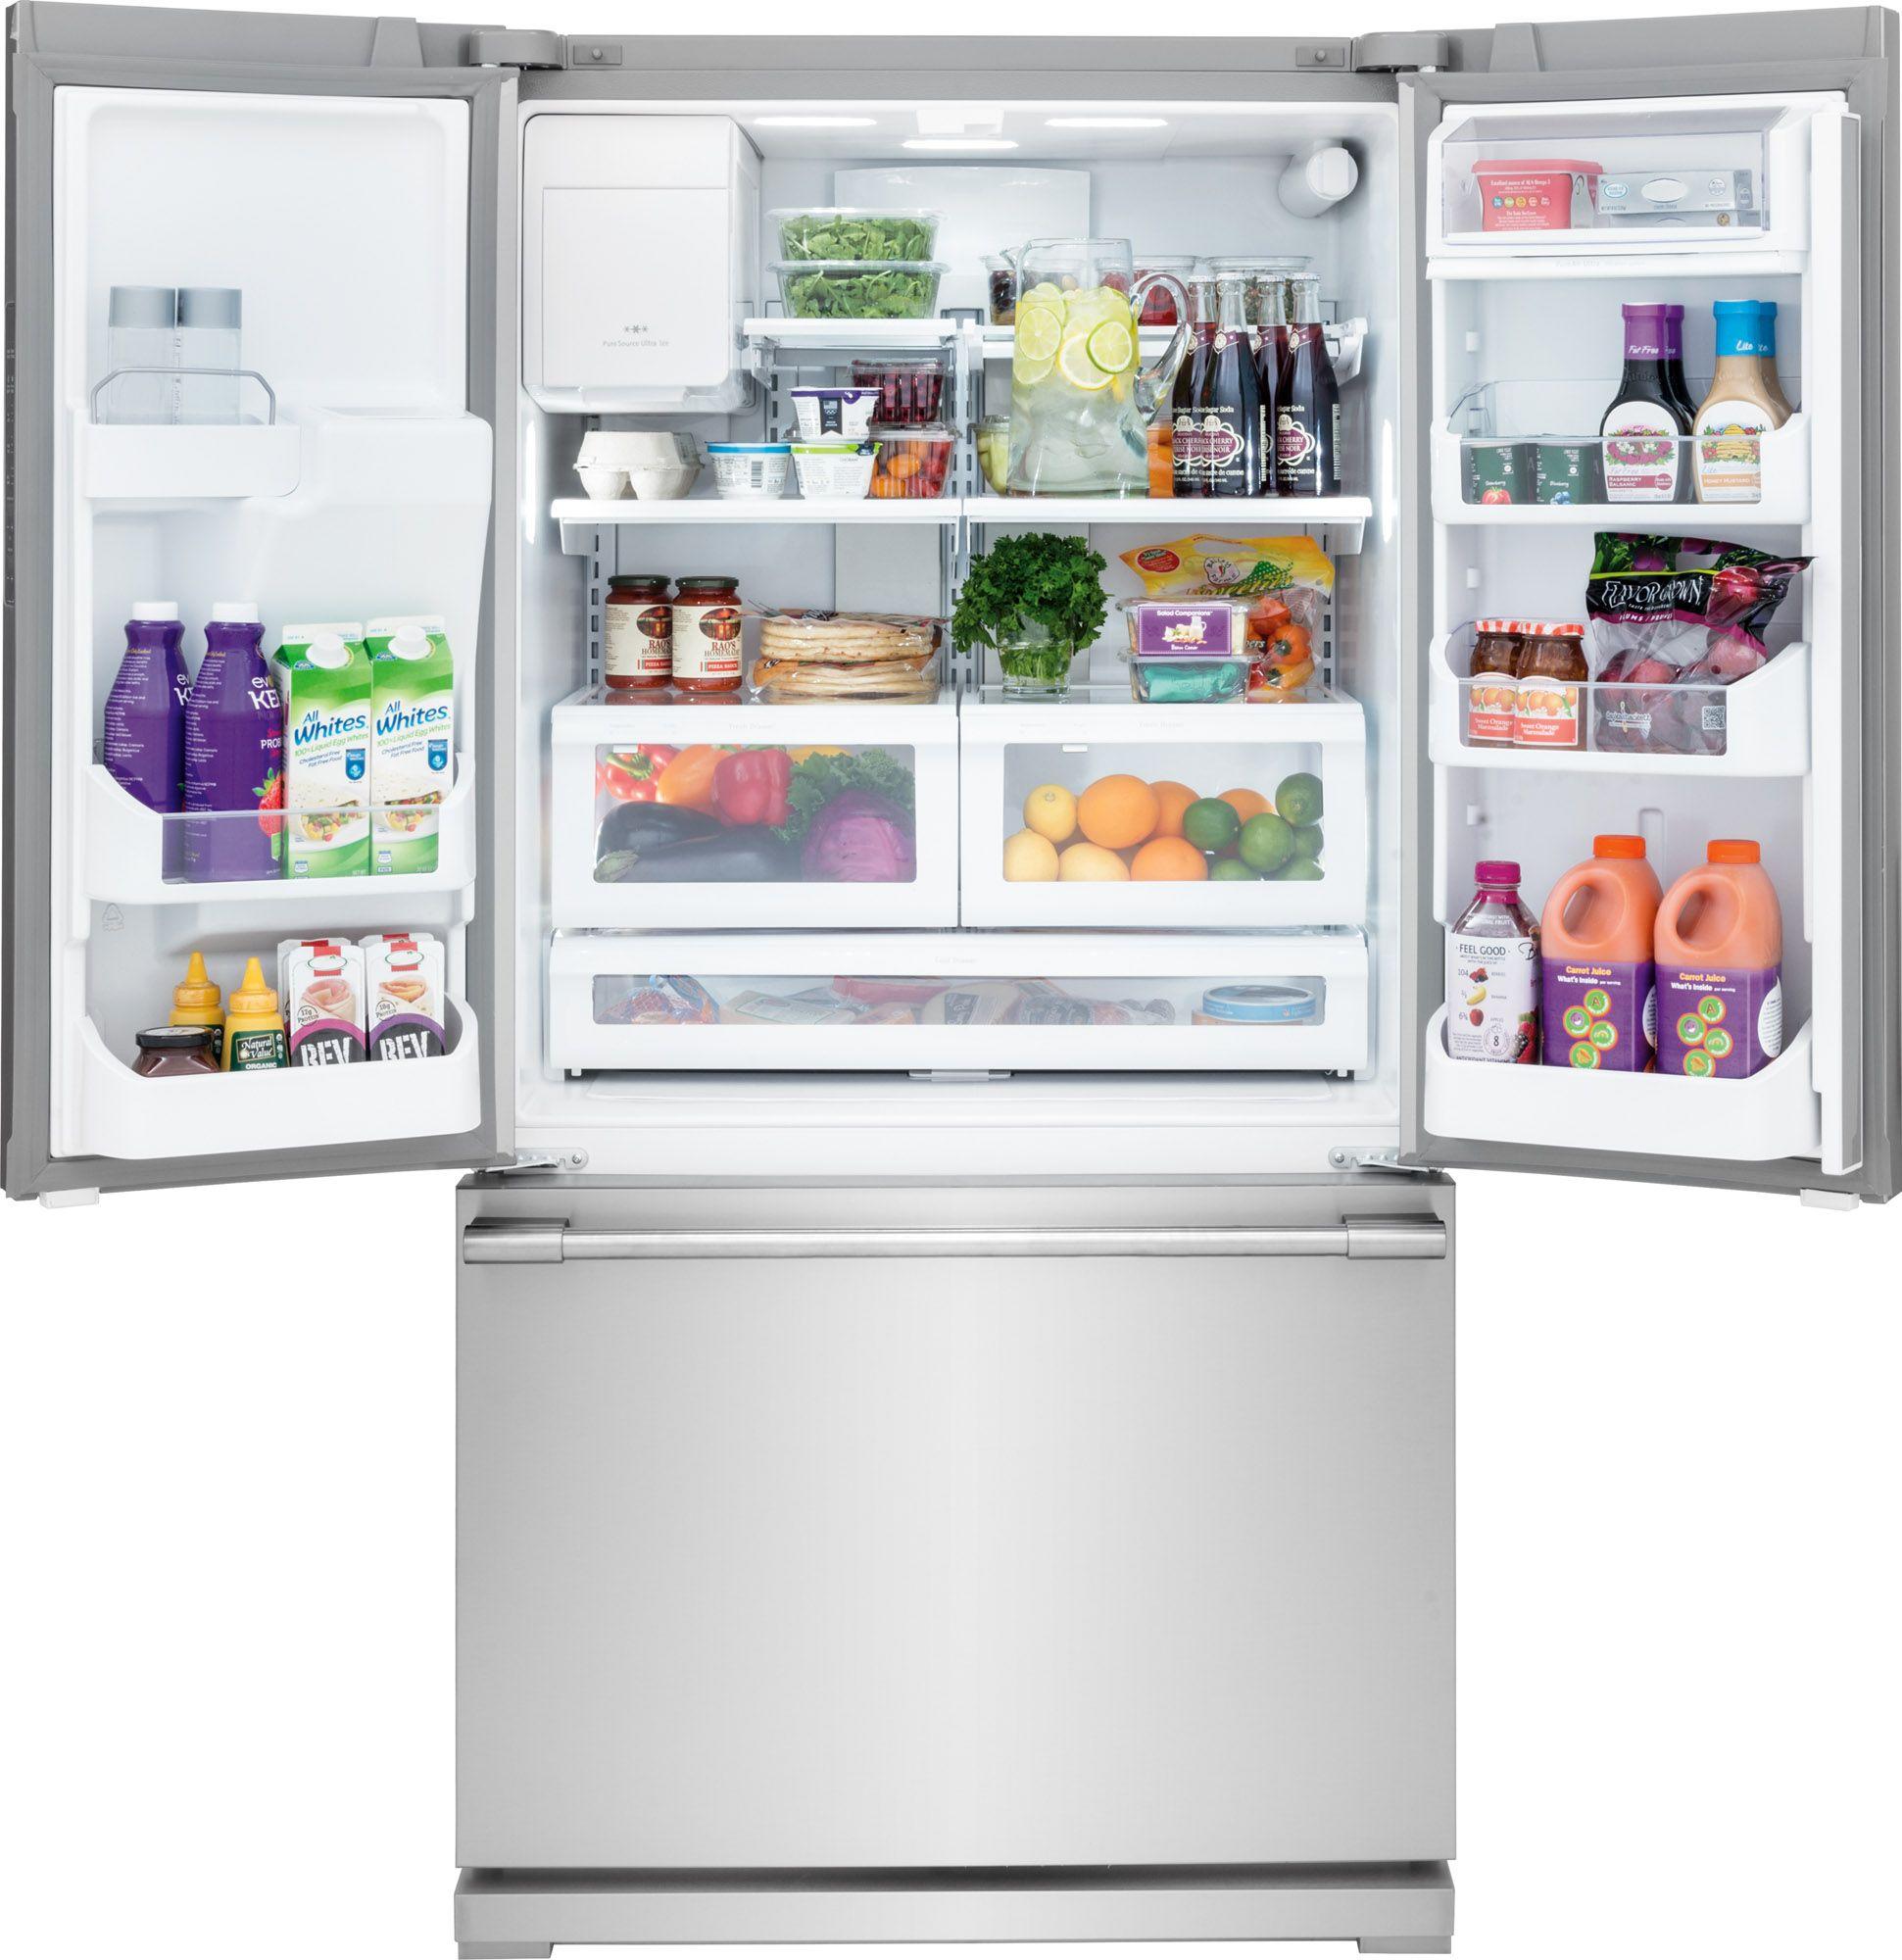 Frigidaire Professional Refrigerator   Interior